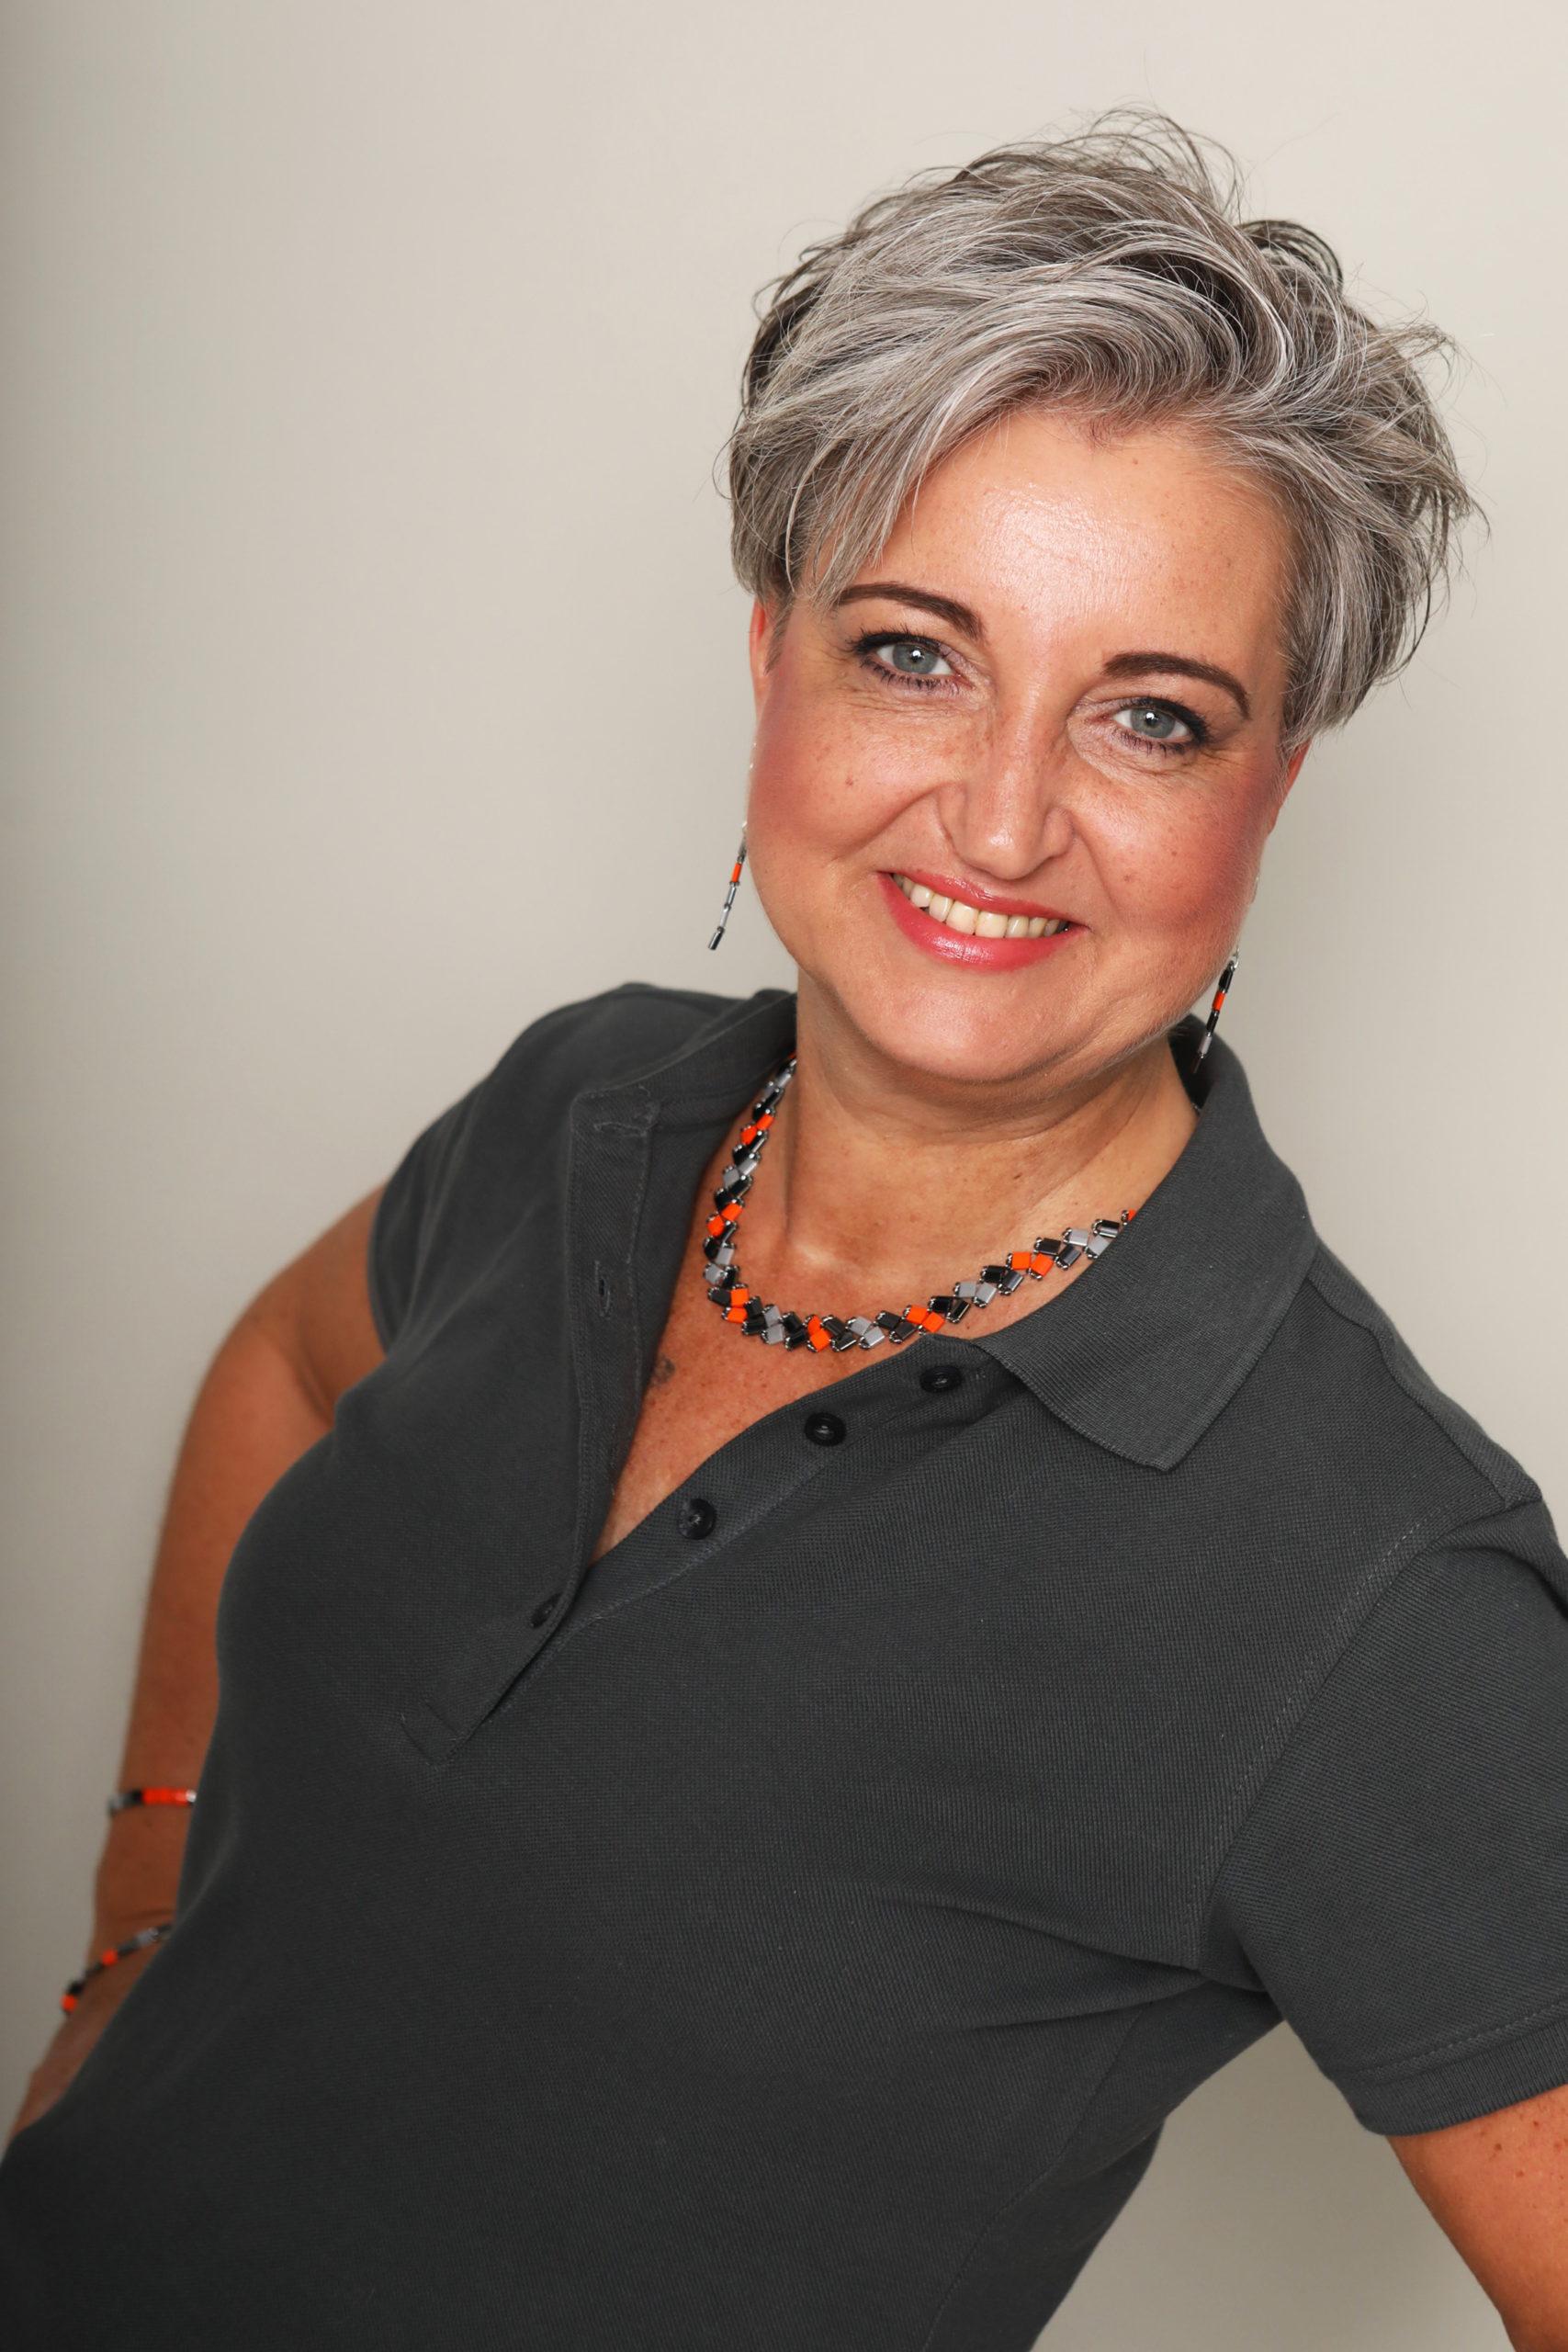 Claudia Salz